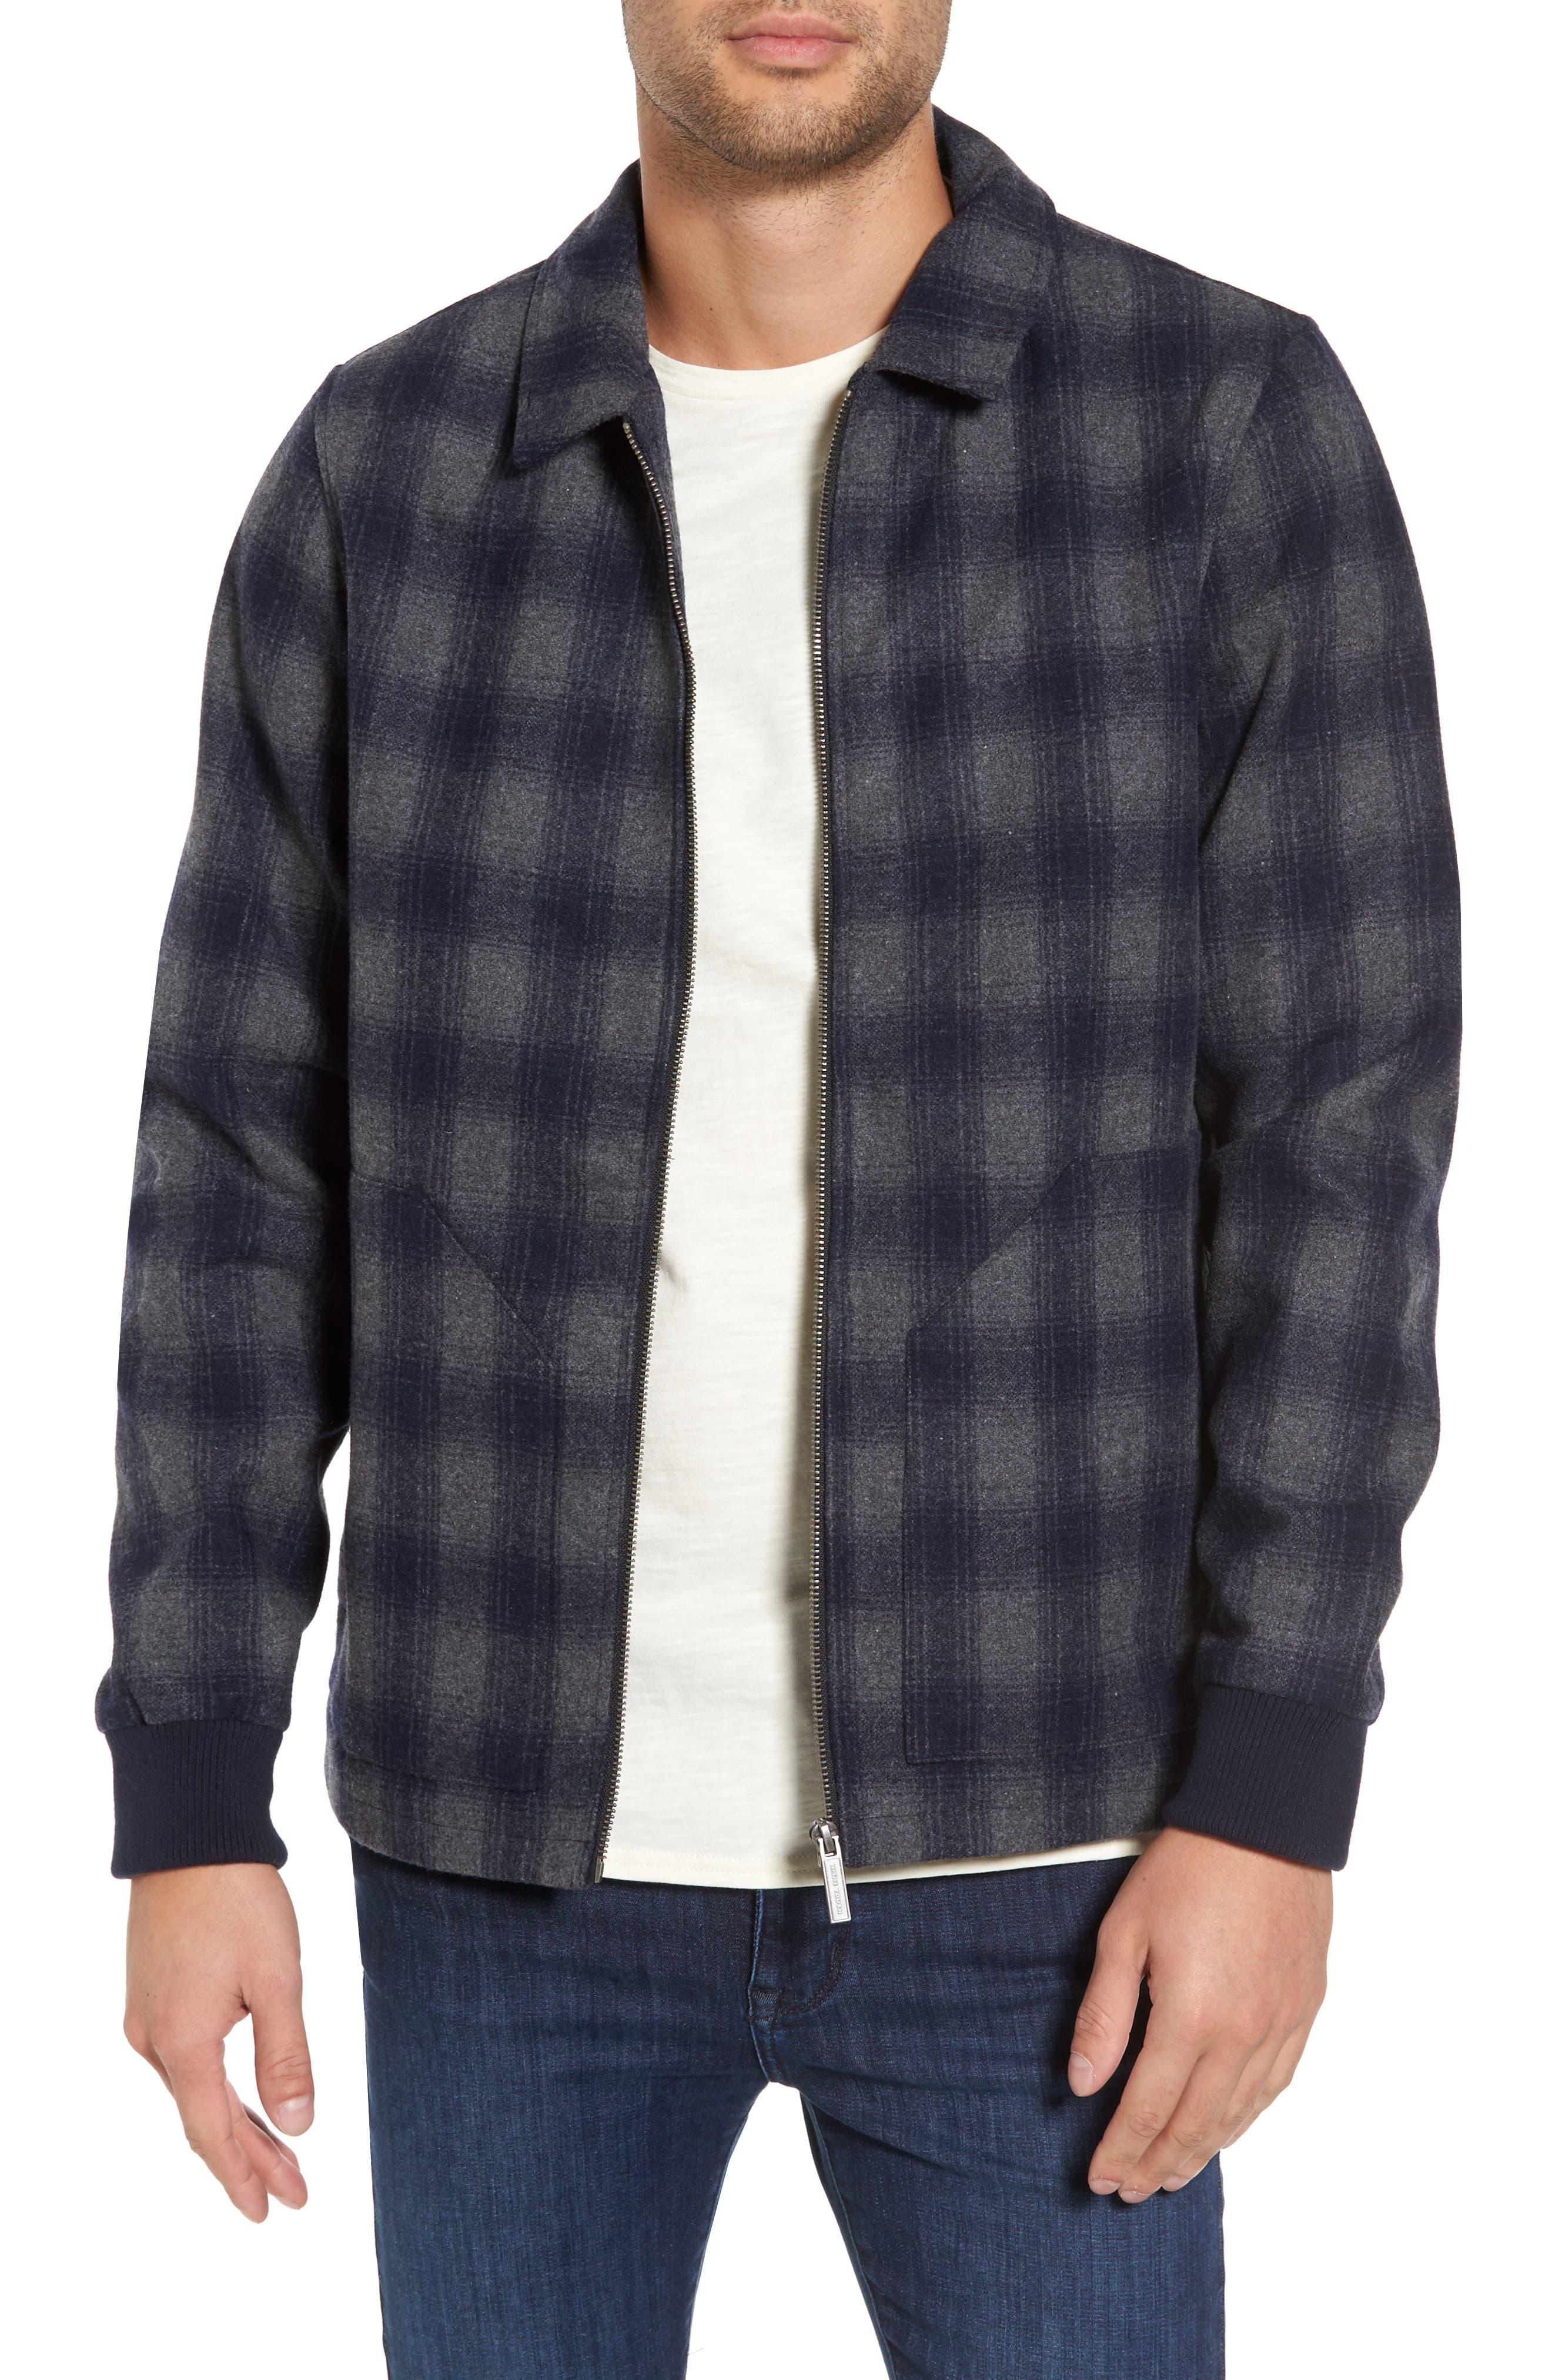 Robinsville Coach's Jacket,                             Main thumbnail 1, color,                             Grey Check